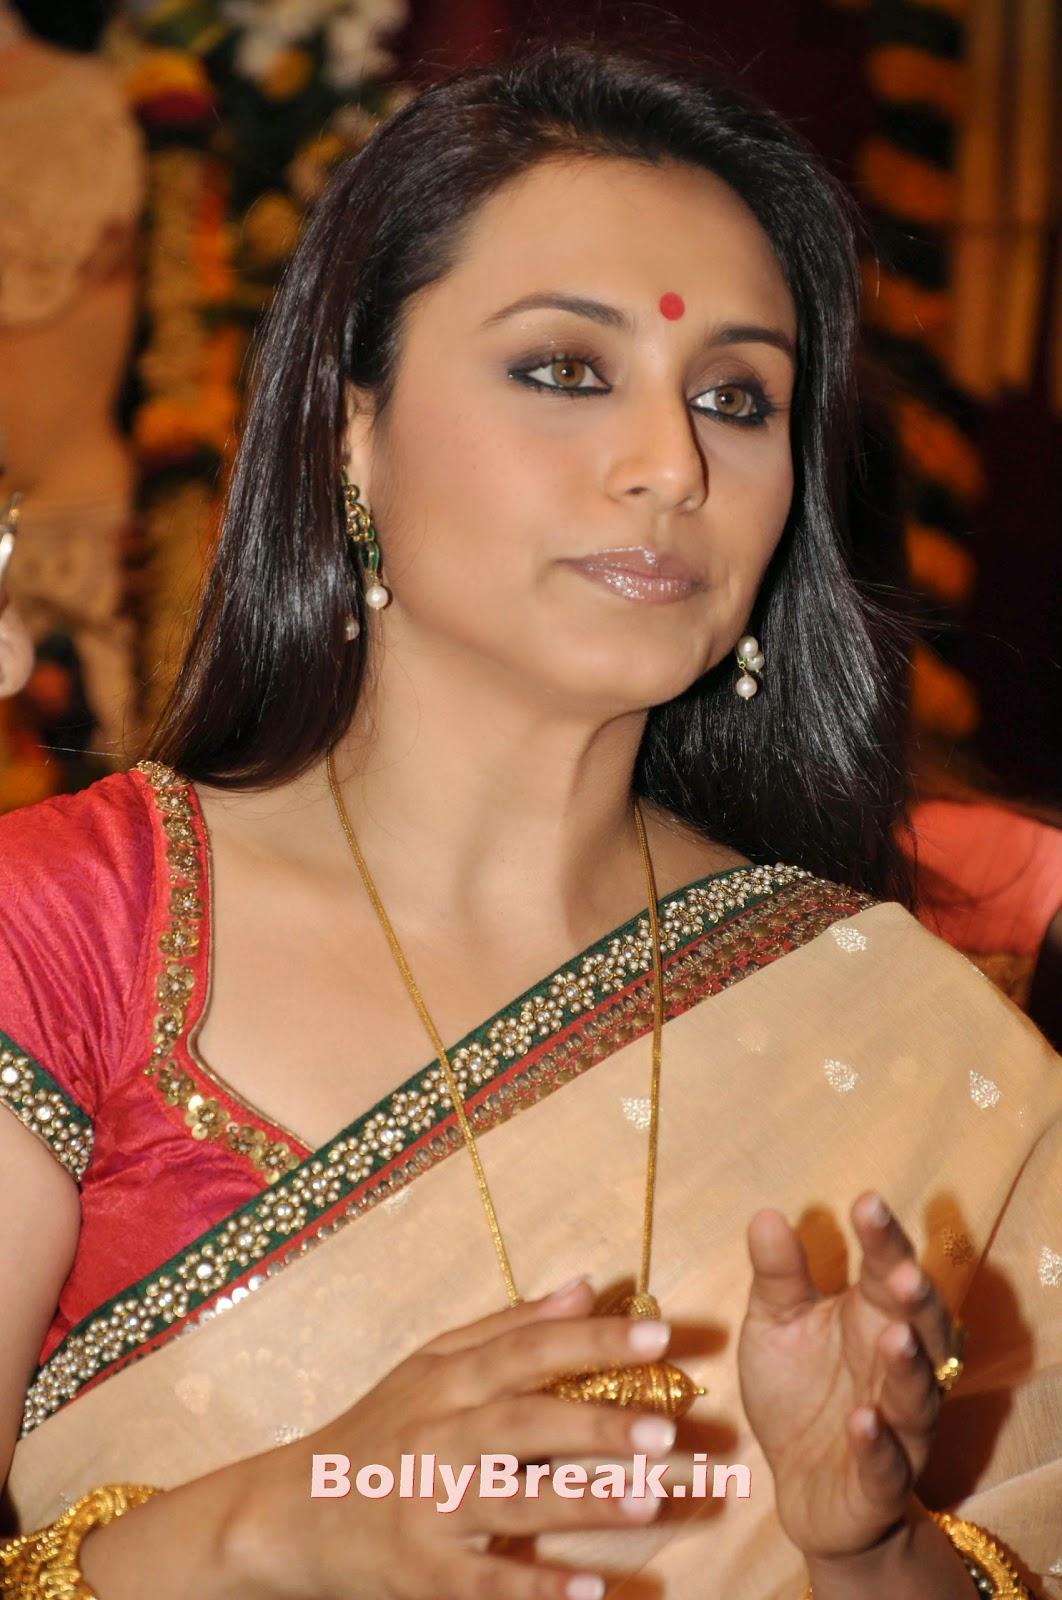 Rani Mukherjee Bengali Saree Hot Slike v visoki ločljivosti - 5 Slike-7204